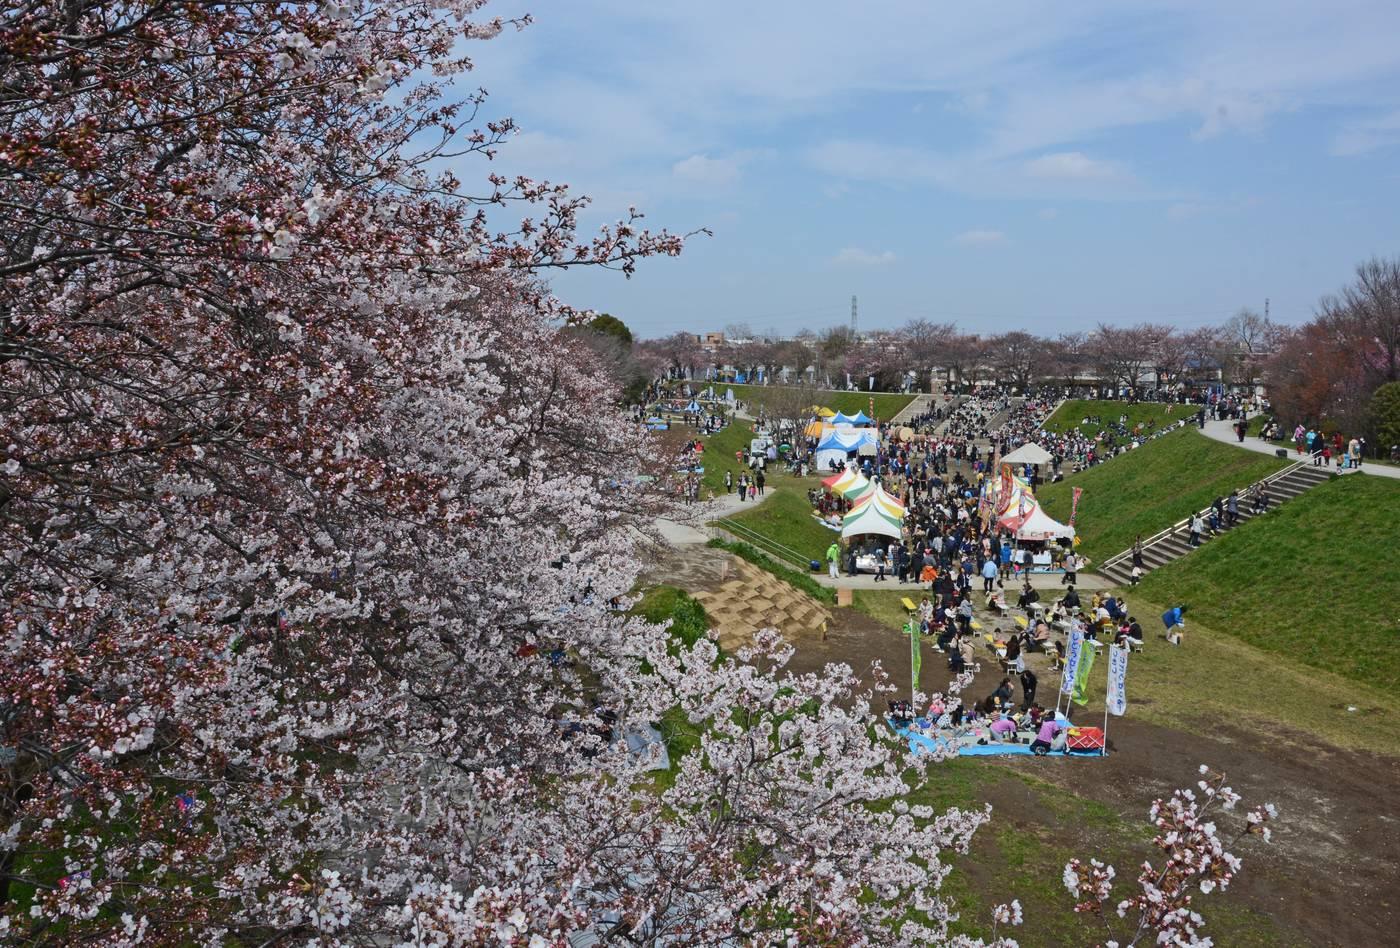 2017年4月 いろは親水公園まつりのイメージ